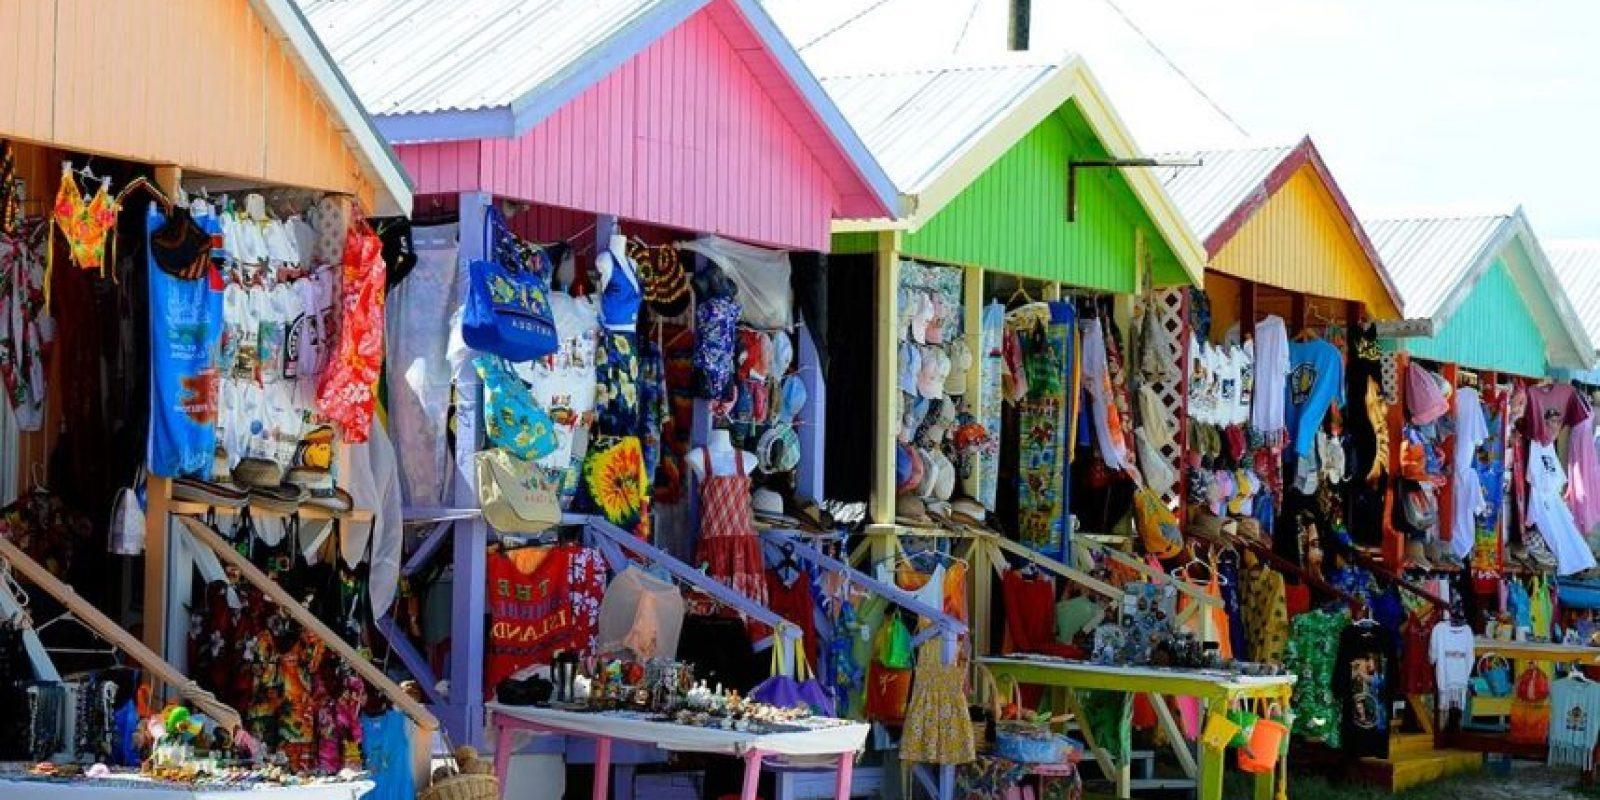 Tanto Antigua como Barbuda ofrecen a sus visitantes una diversidad de actividades y aventuras ecoturísticas y deportivas, además de unos bellos paisajes exóticos y exuberantes con unas flora y fauna endémicas de la zona.